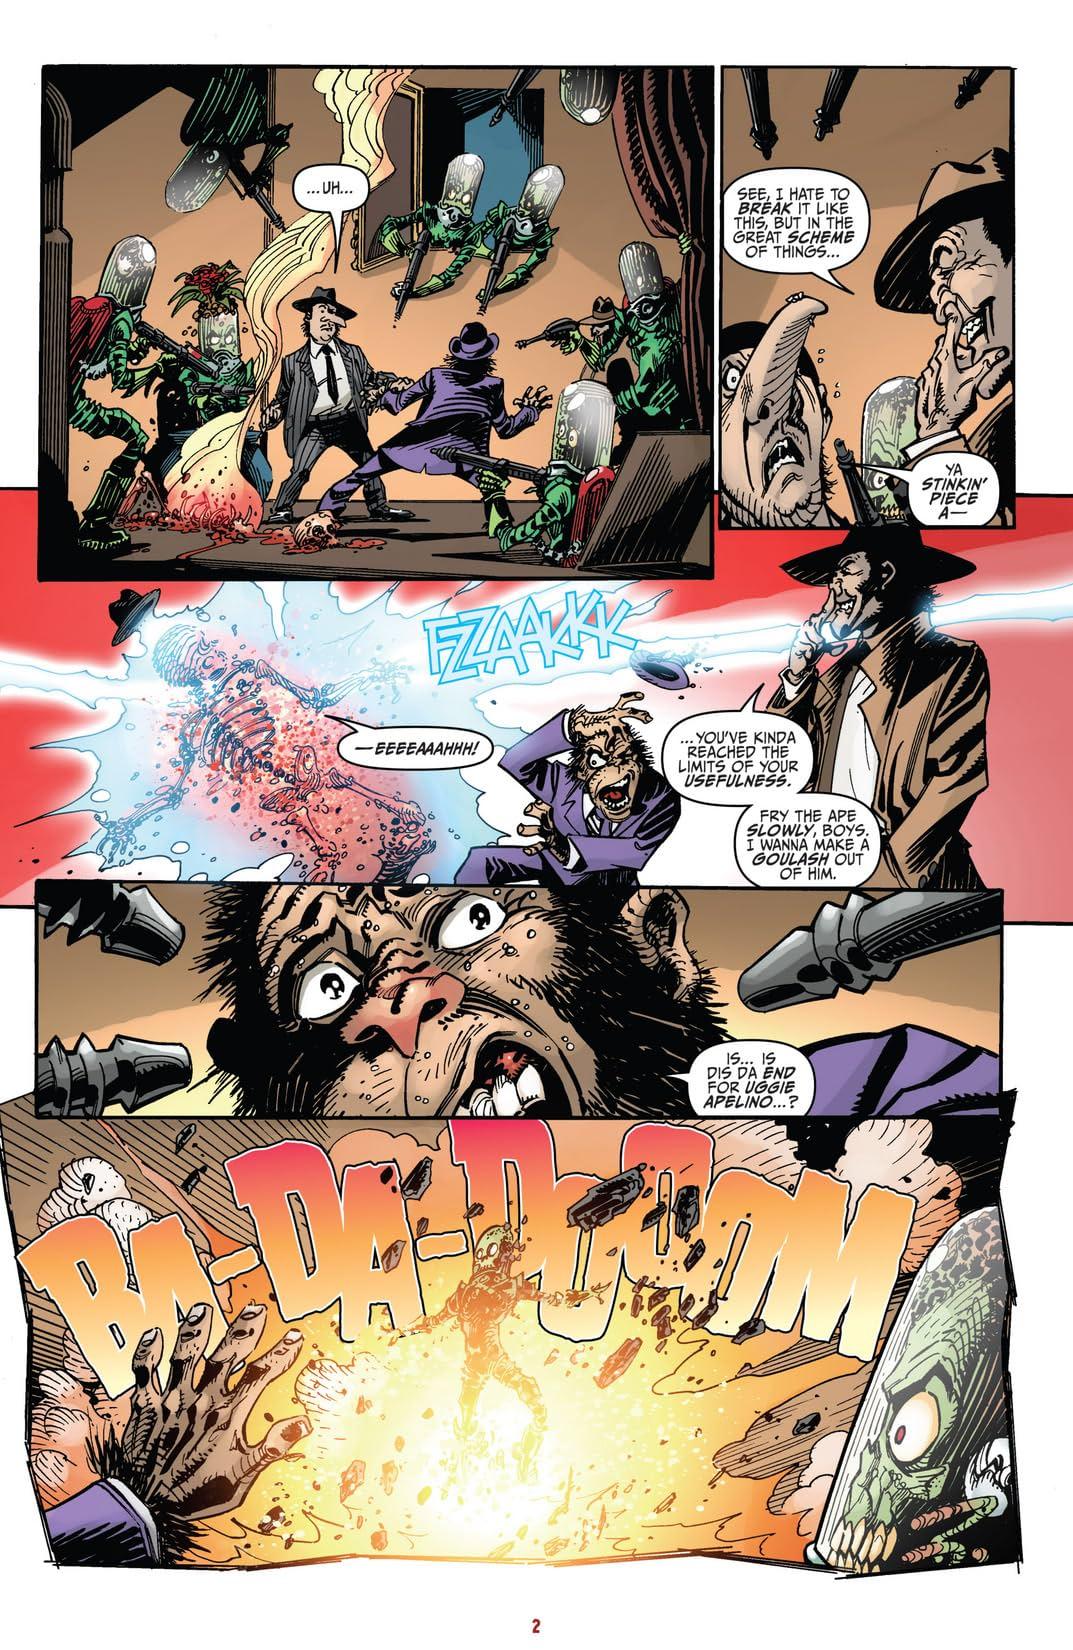 Mars Attacks Judge Dredd #3 (of 4)